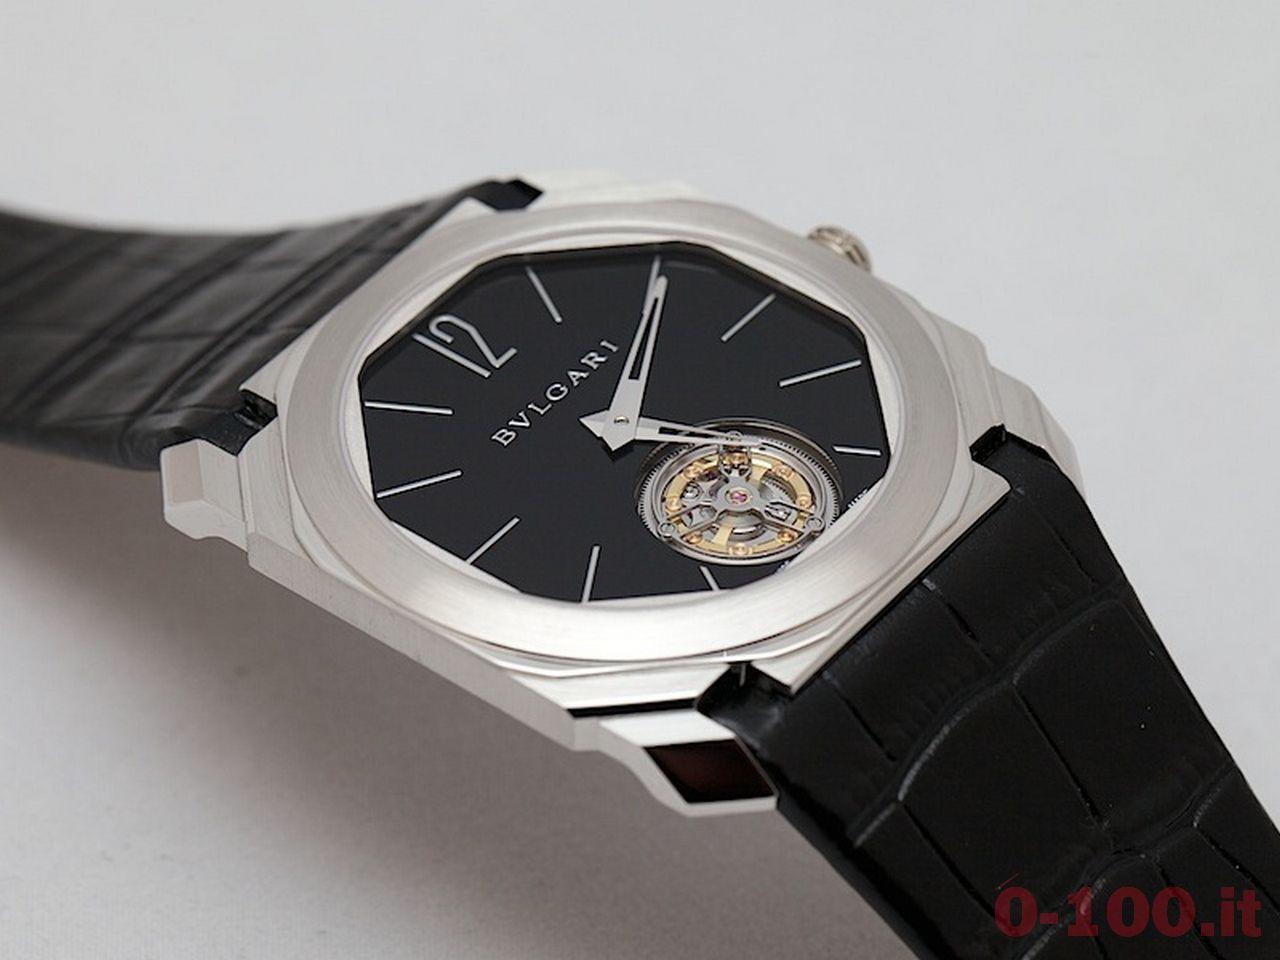 bulgari-octo-finissimo-tourbillon-prezzo-price-the-worlds-thinnest-tourbillon_0-1002